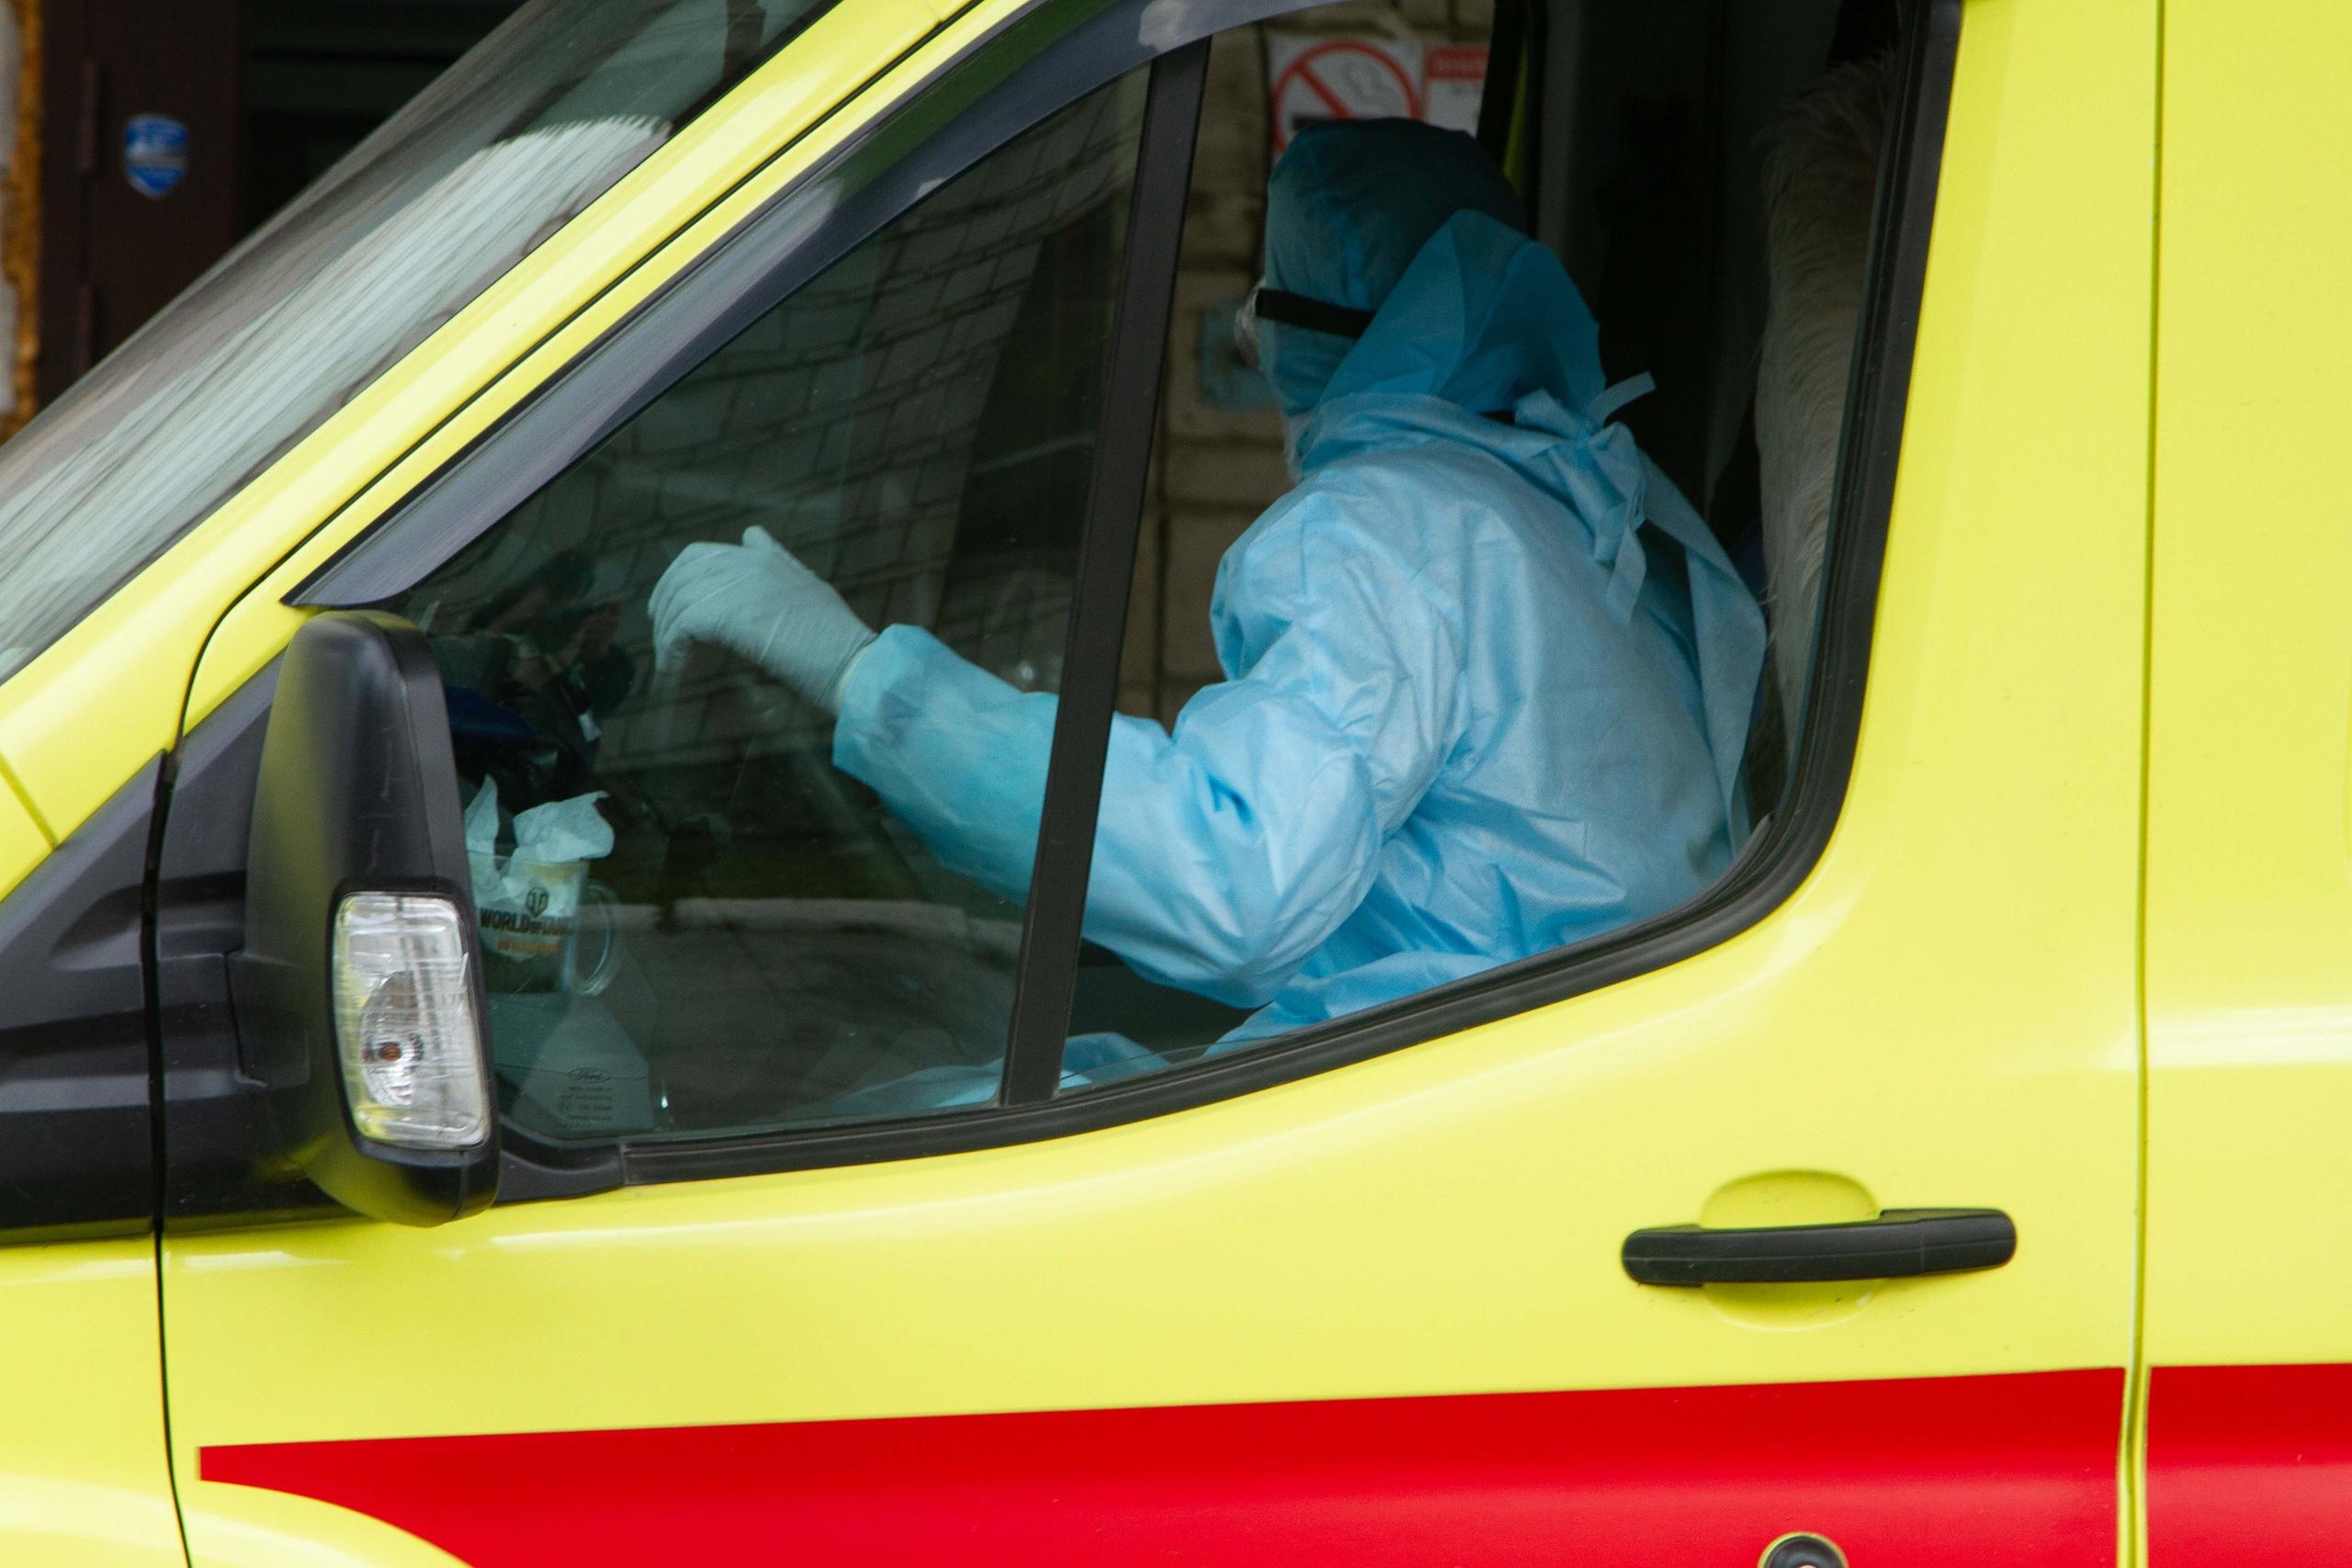 фото «Просто поменяли диагноз!»: заболевшему медработнику из Новосибирска отказали в коронавирусной выплате 6